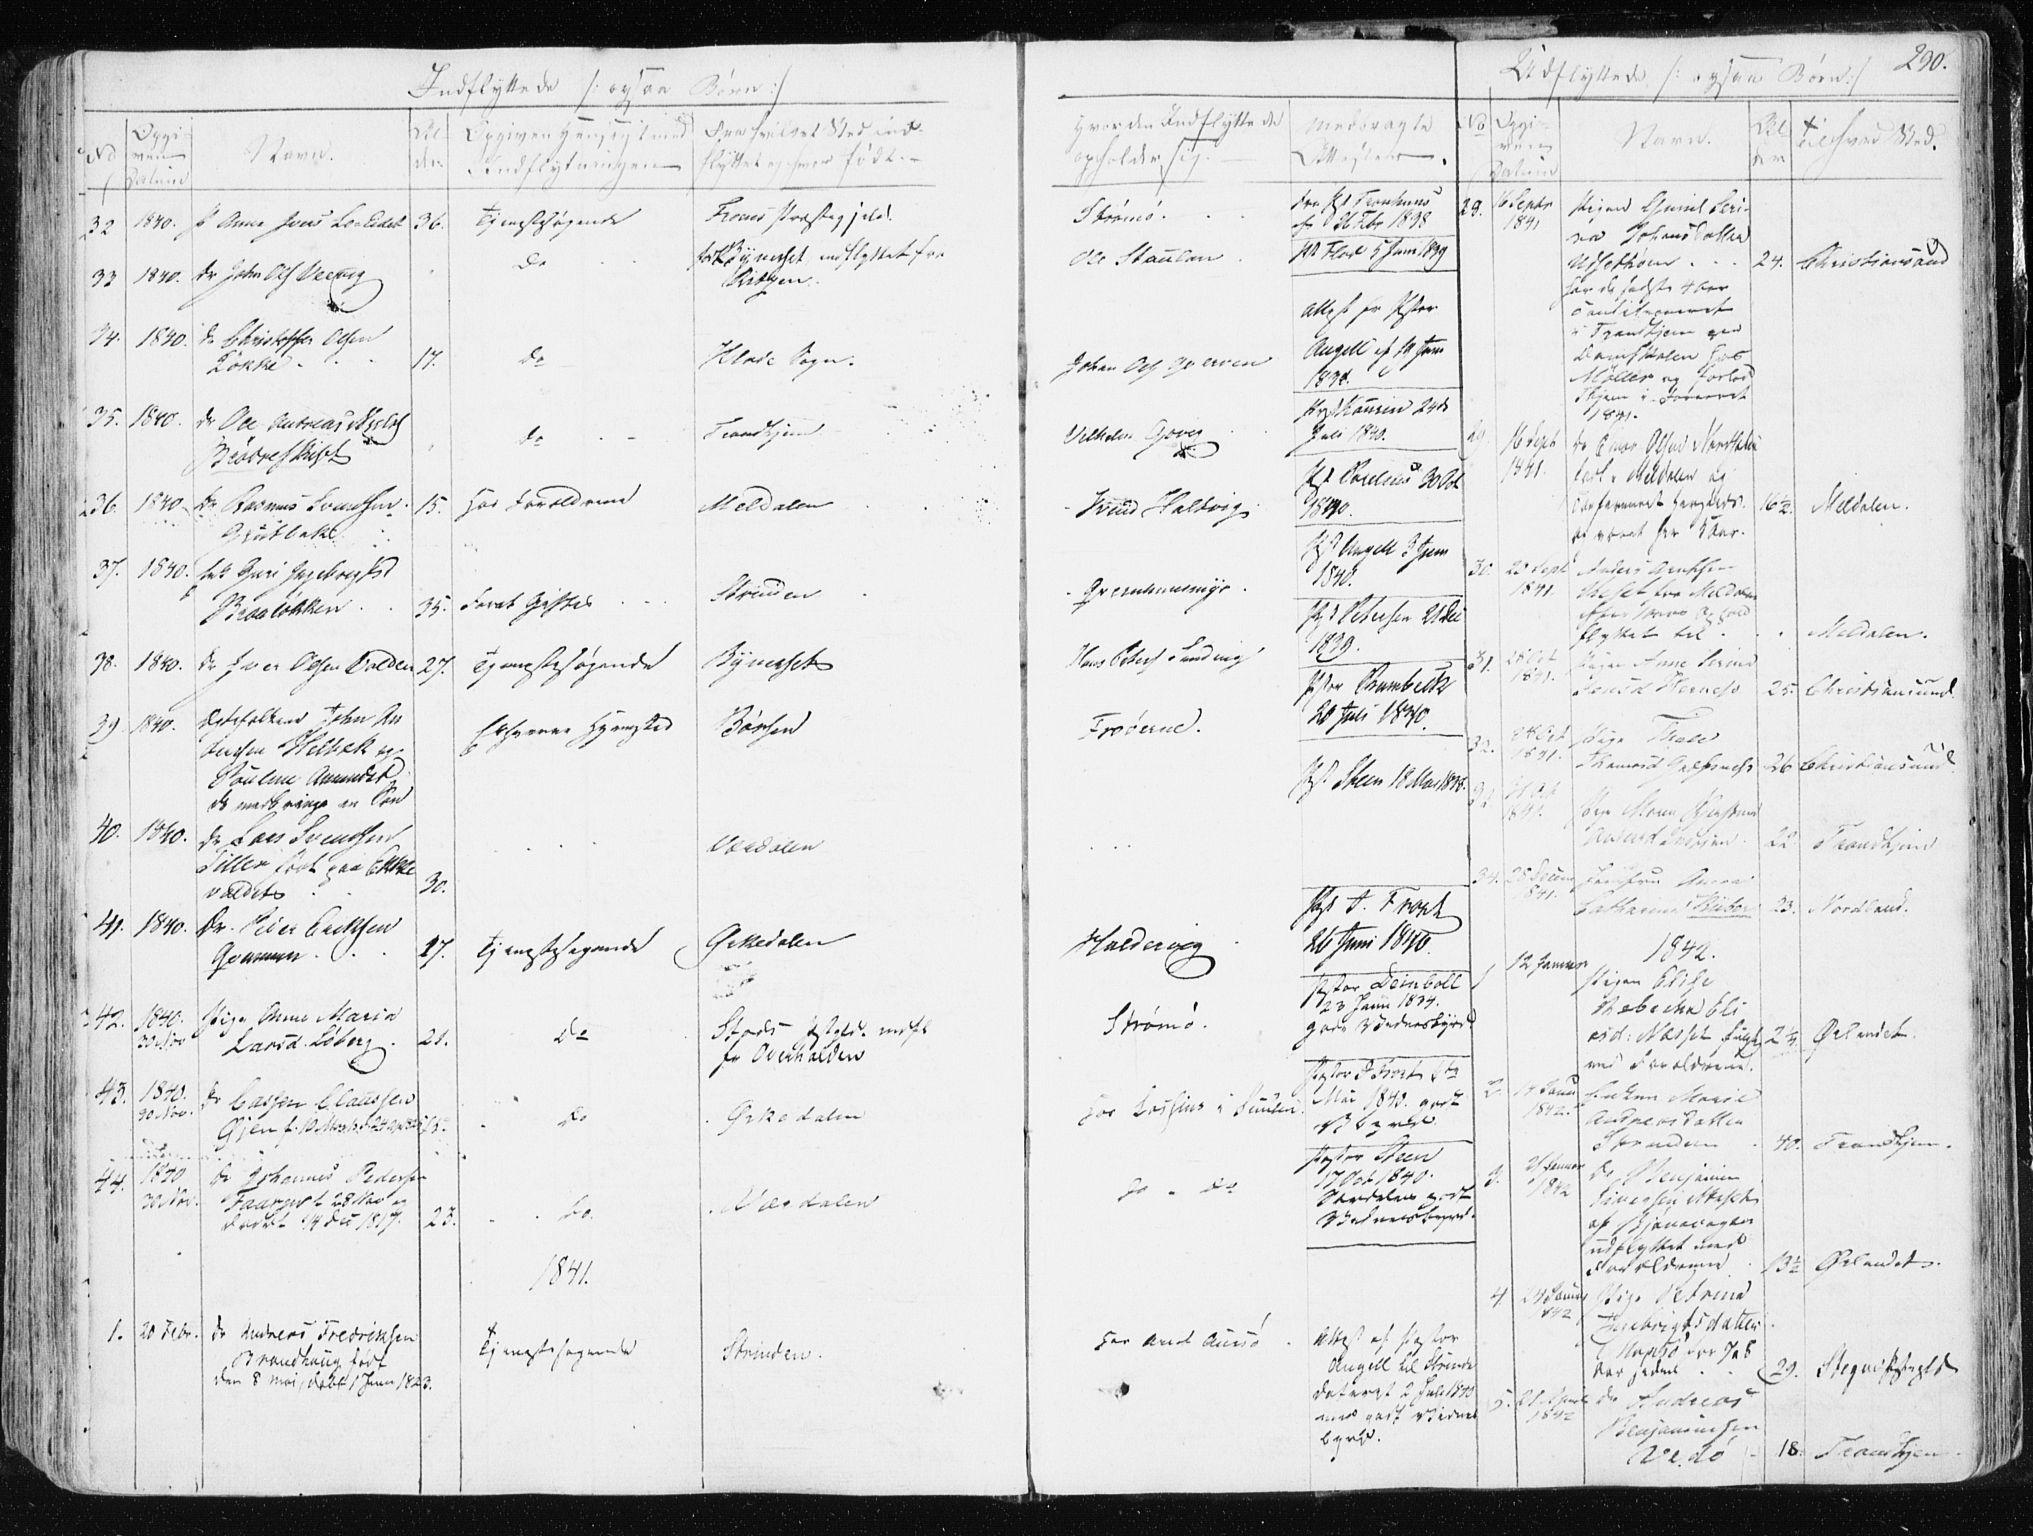 SAT, Ministerialprotokoller, klokkerbøker og fødselsregistre - Sør-Trøndelag, 634/L0528: Ministerialbok nr. 634A04, 1827-1842, s. 290